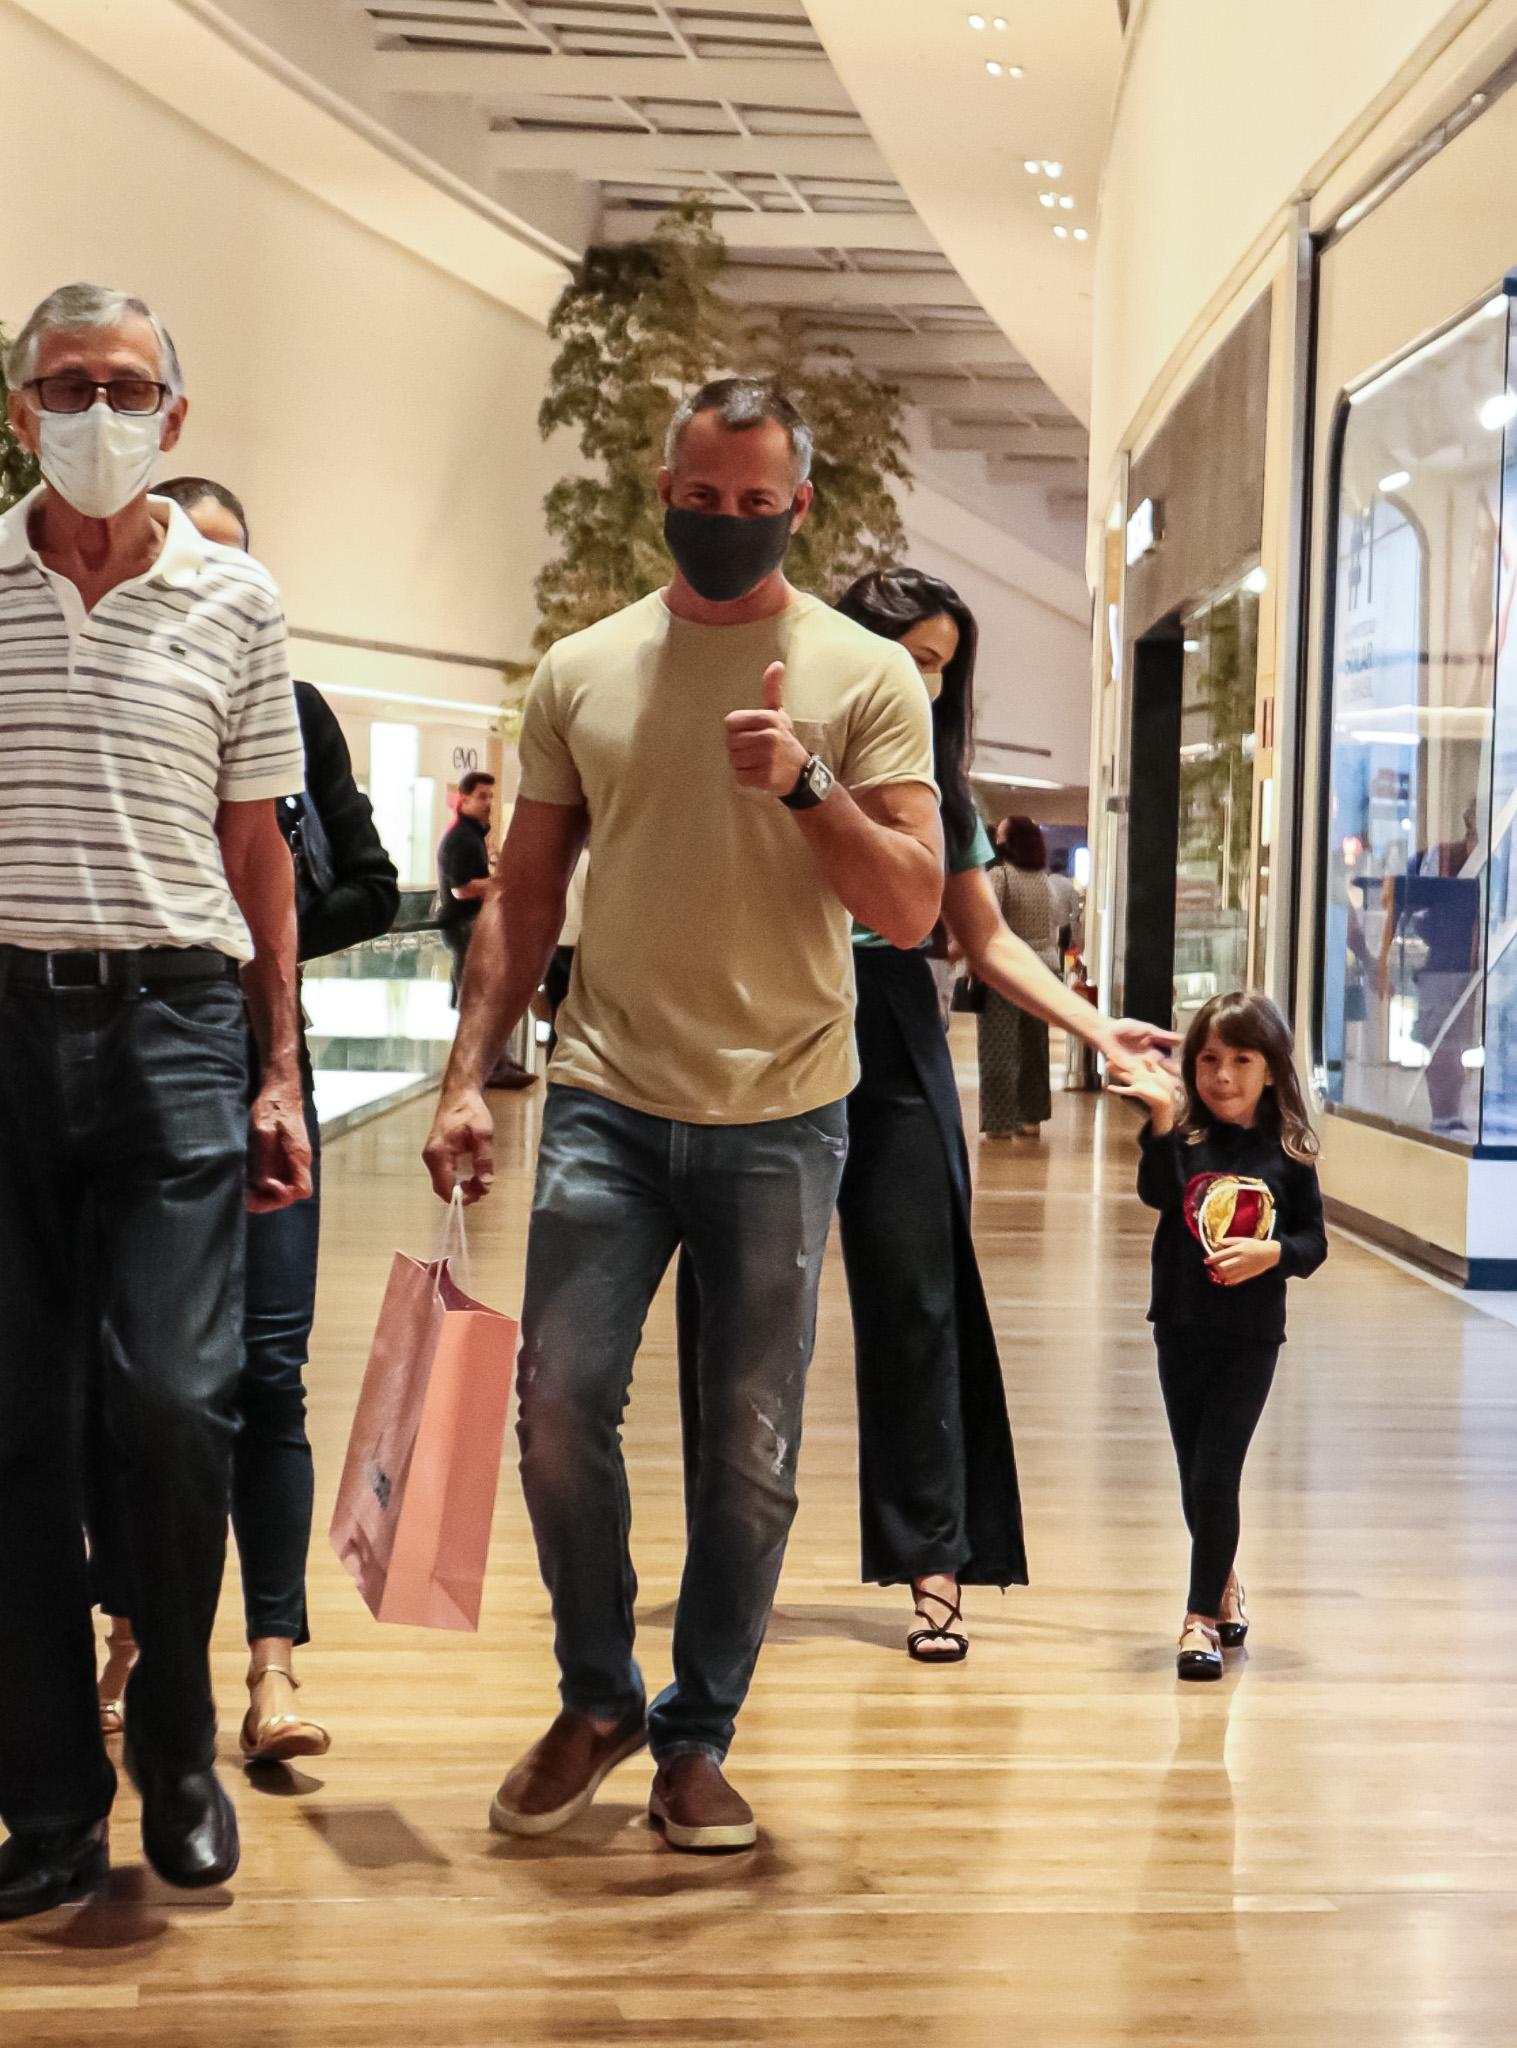 Filha de Malvino Salvador e Kyra Gracie acena para paparazzo em shopping